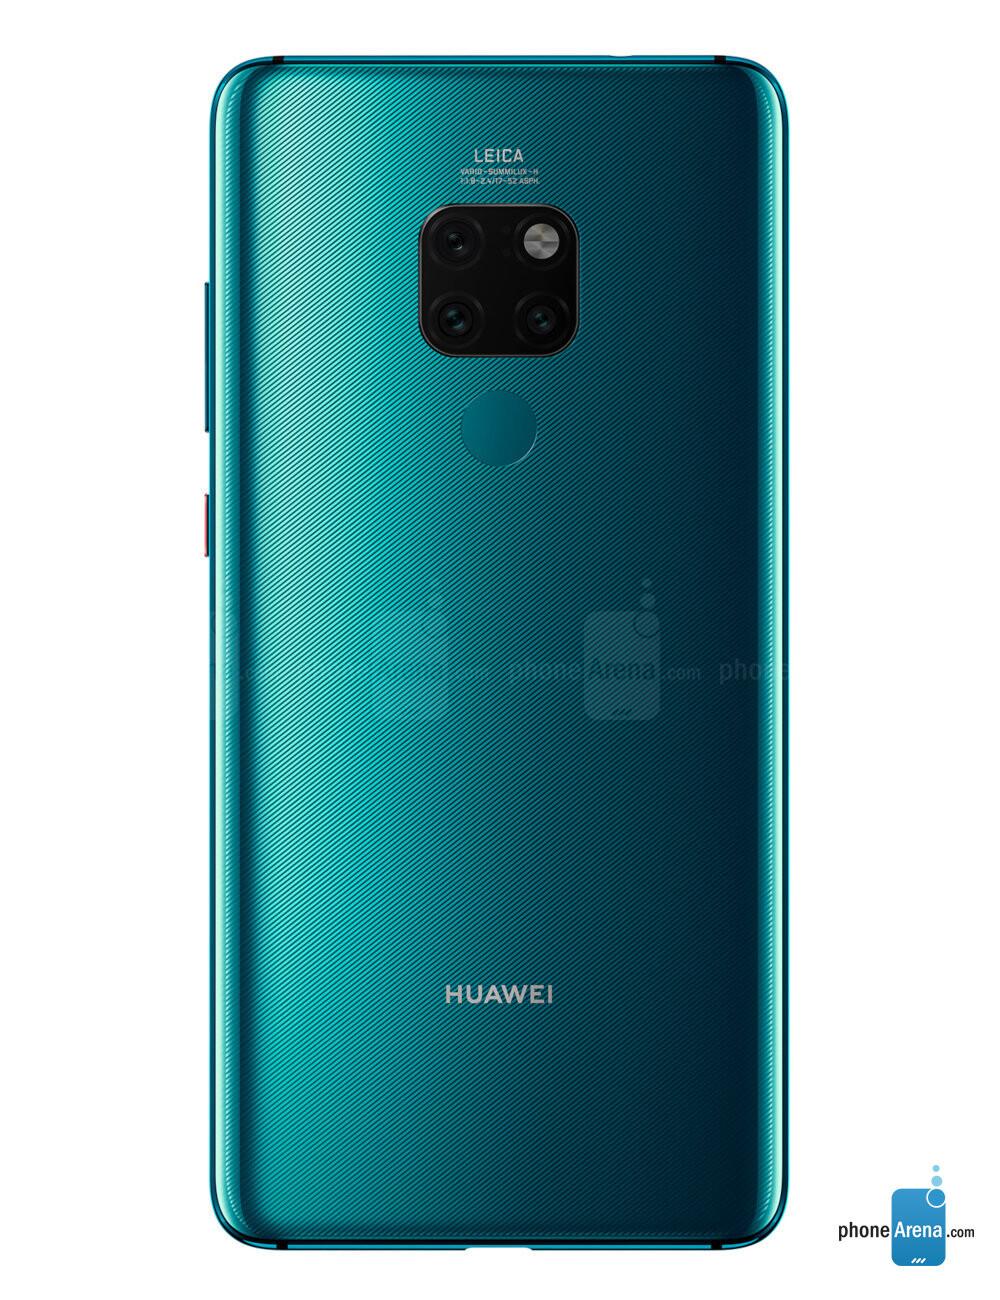 Huawei Mate 20 specs